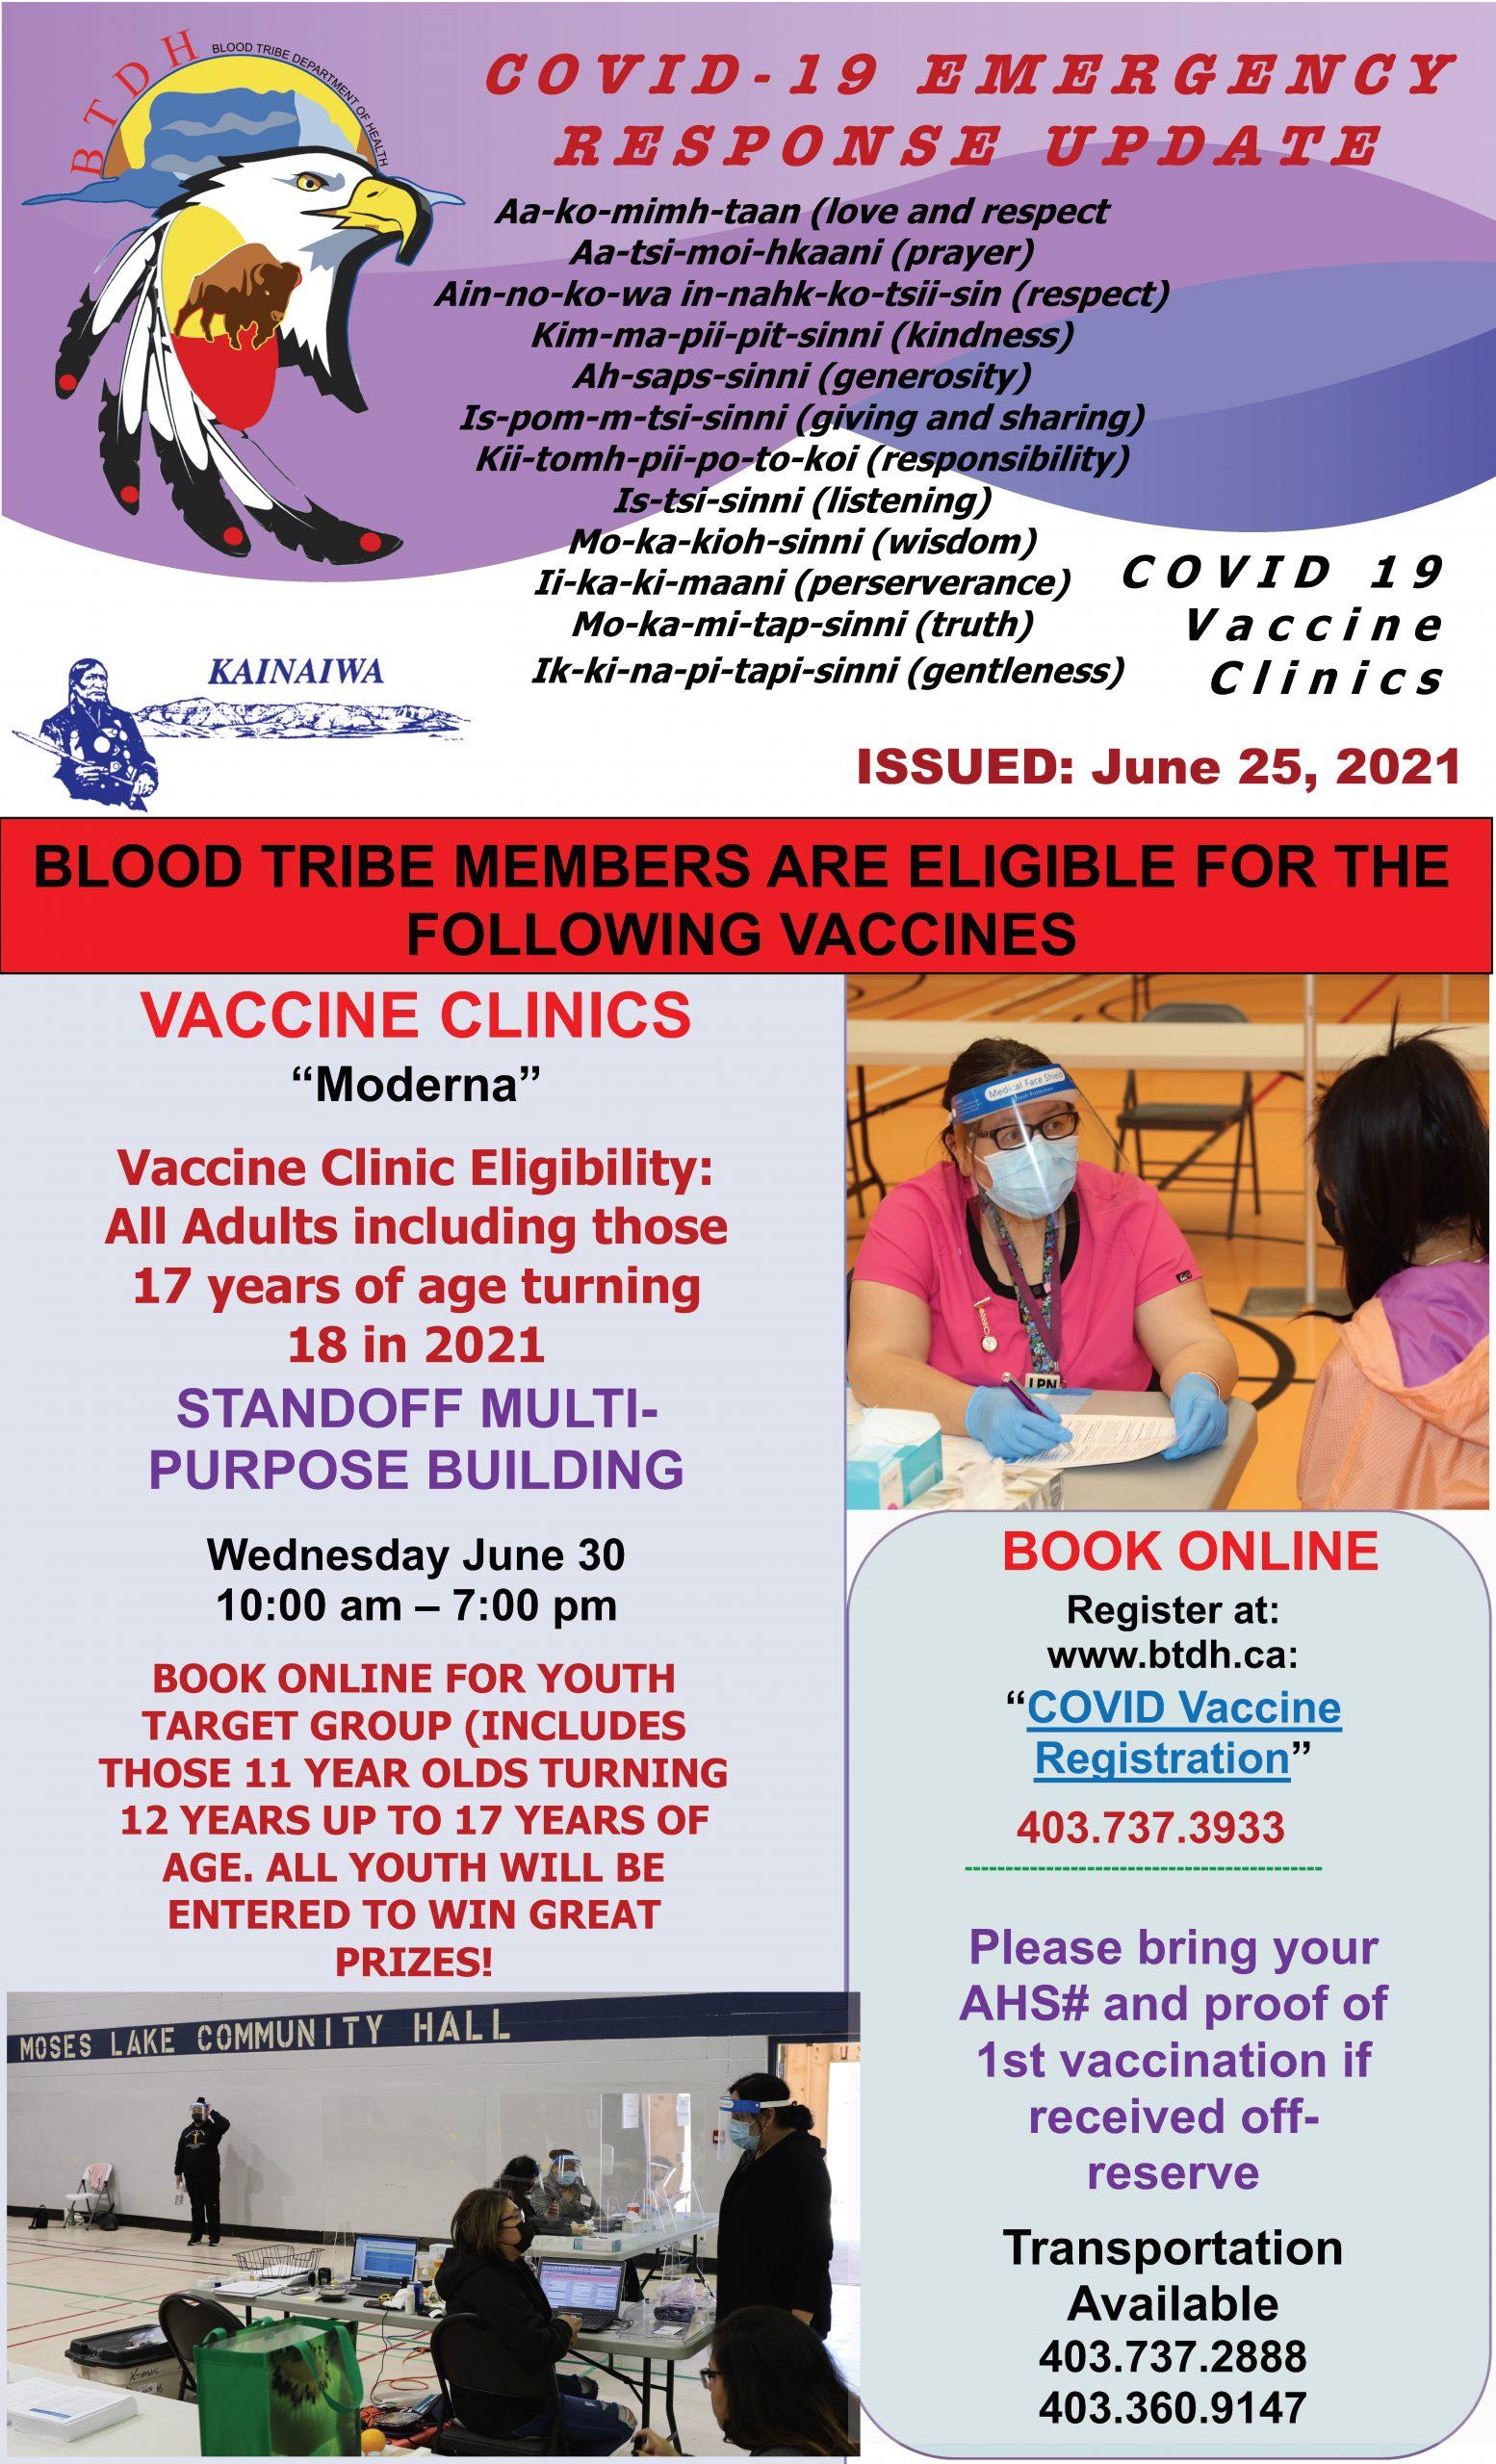 COVID-19 Vaccine Clinic Update - (June 25, 2021)